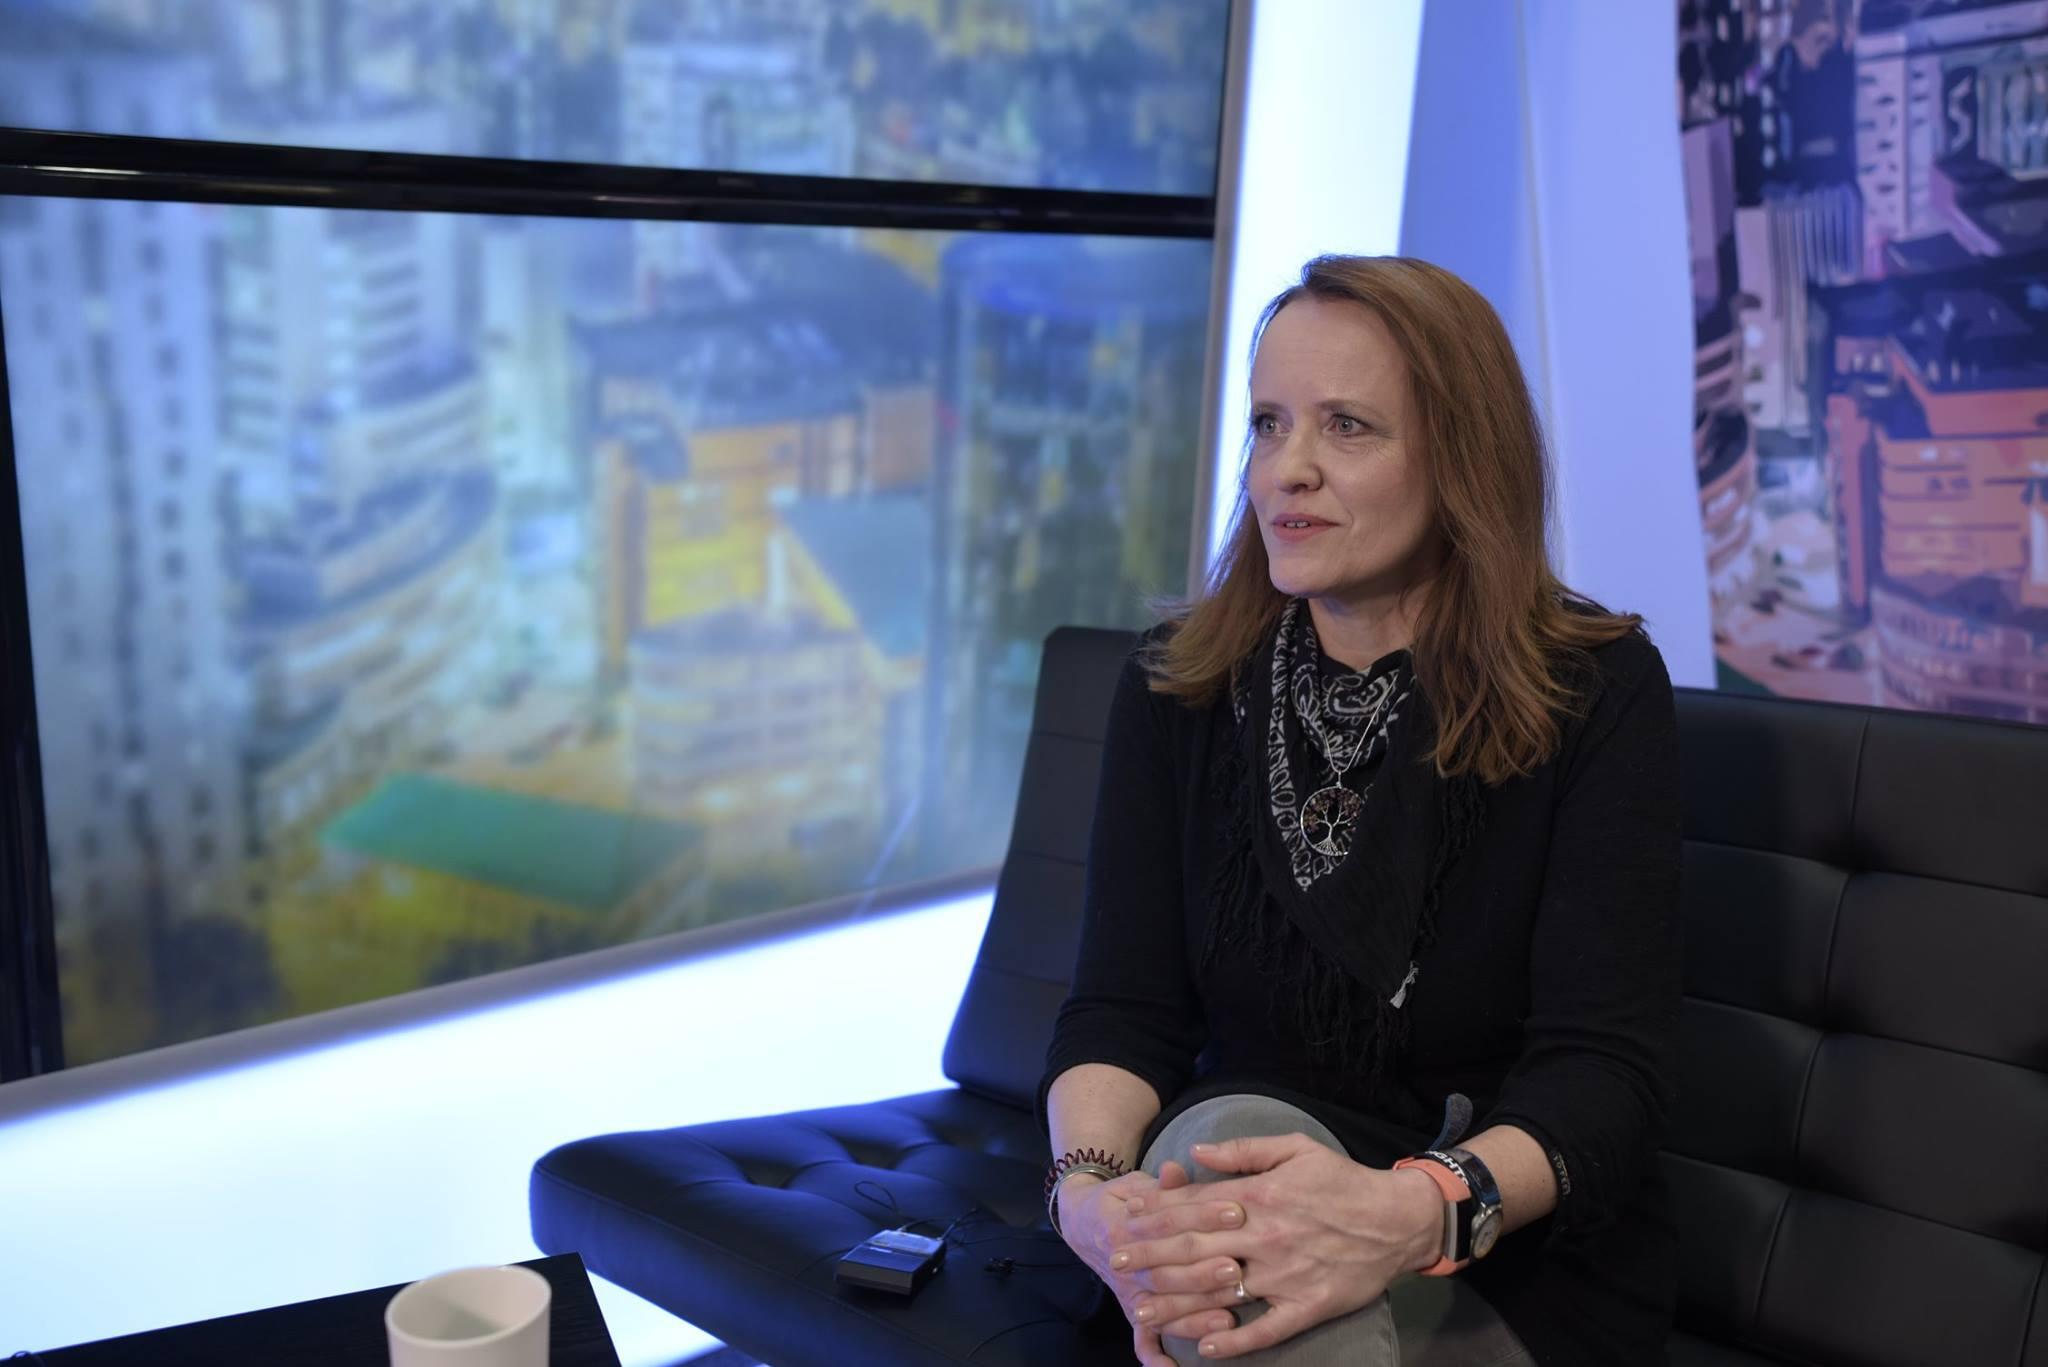 VIDEO! Loomakaitsja Kadri Taperson Võrno saates: mul ei ole kordagi olnud tunnet, et ma tegelen millegi tühisega